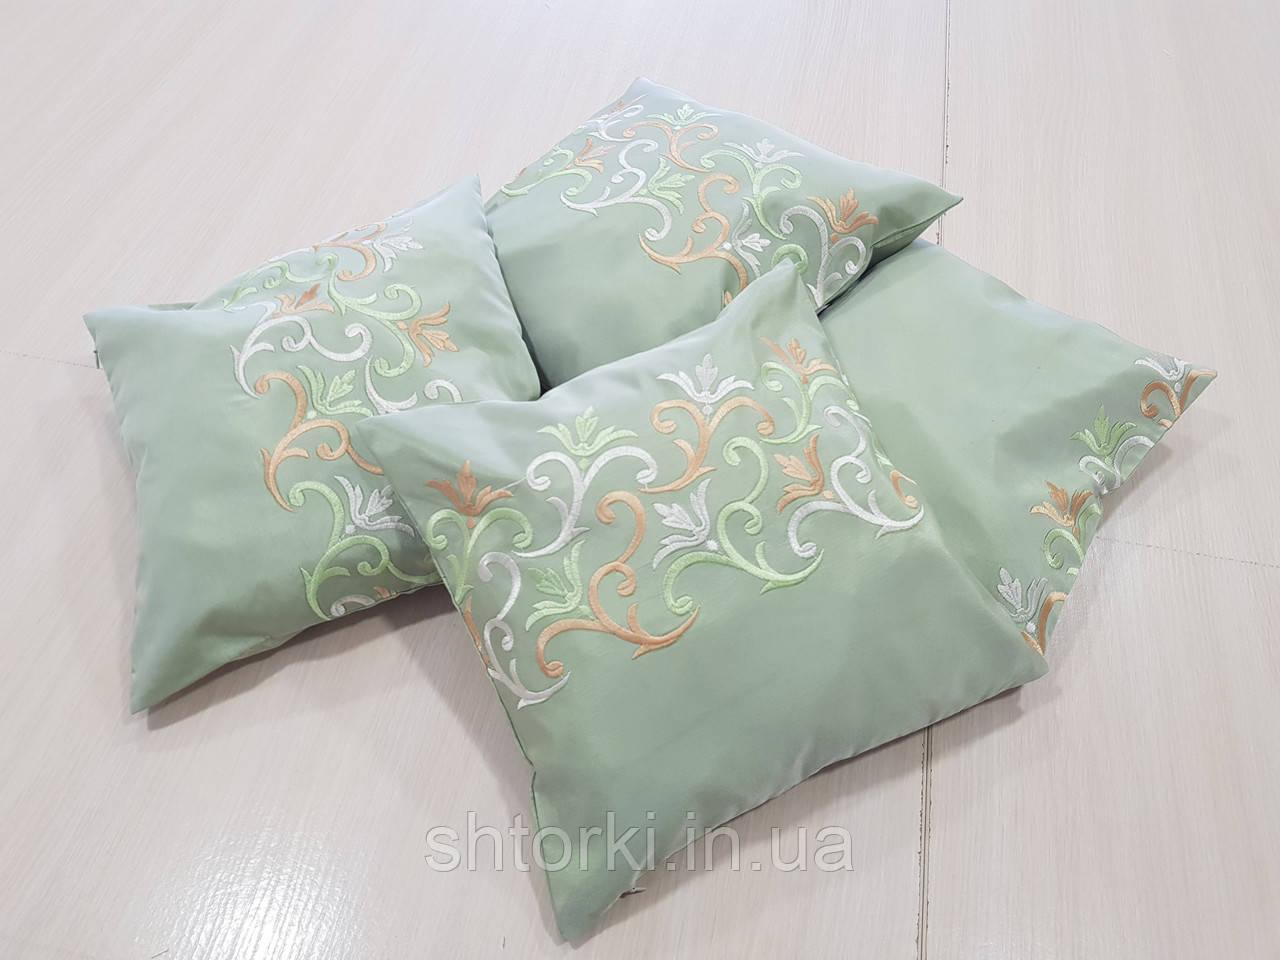 Комплект подушек оливковые с узором, 4шт